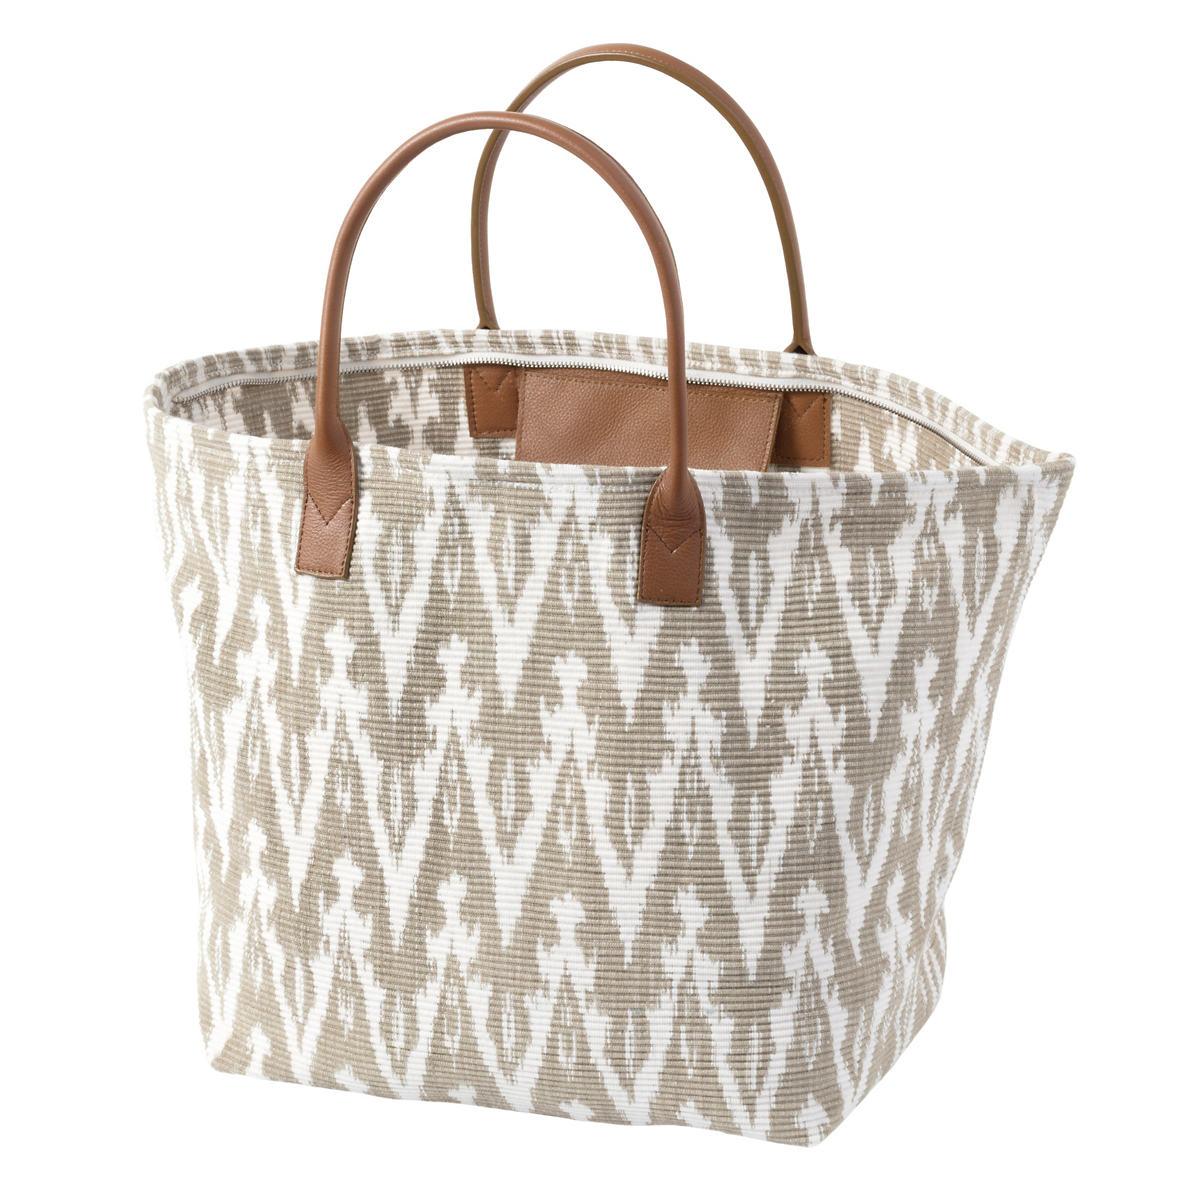 Ikat Woven Platinum Tote Bag